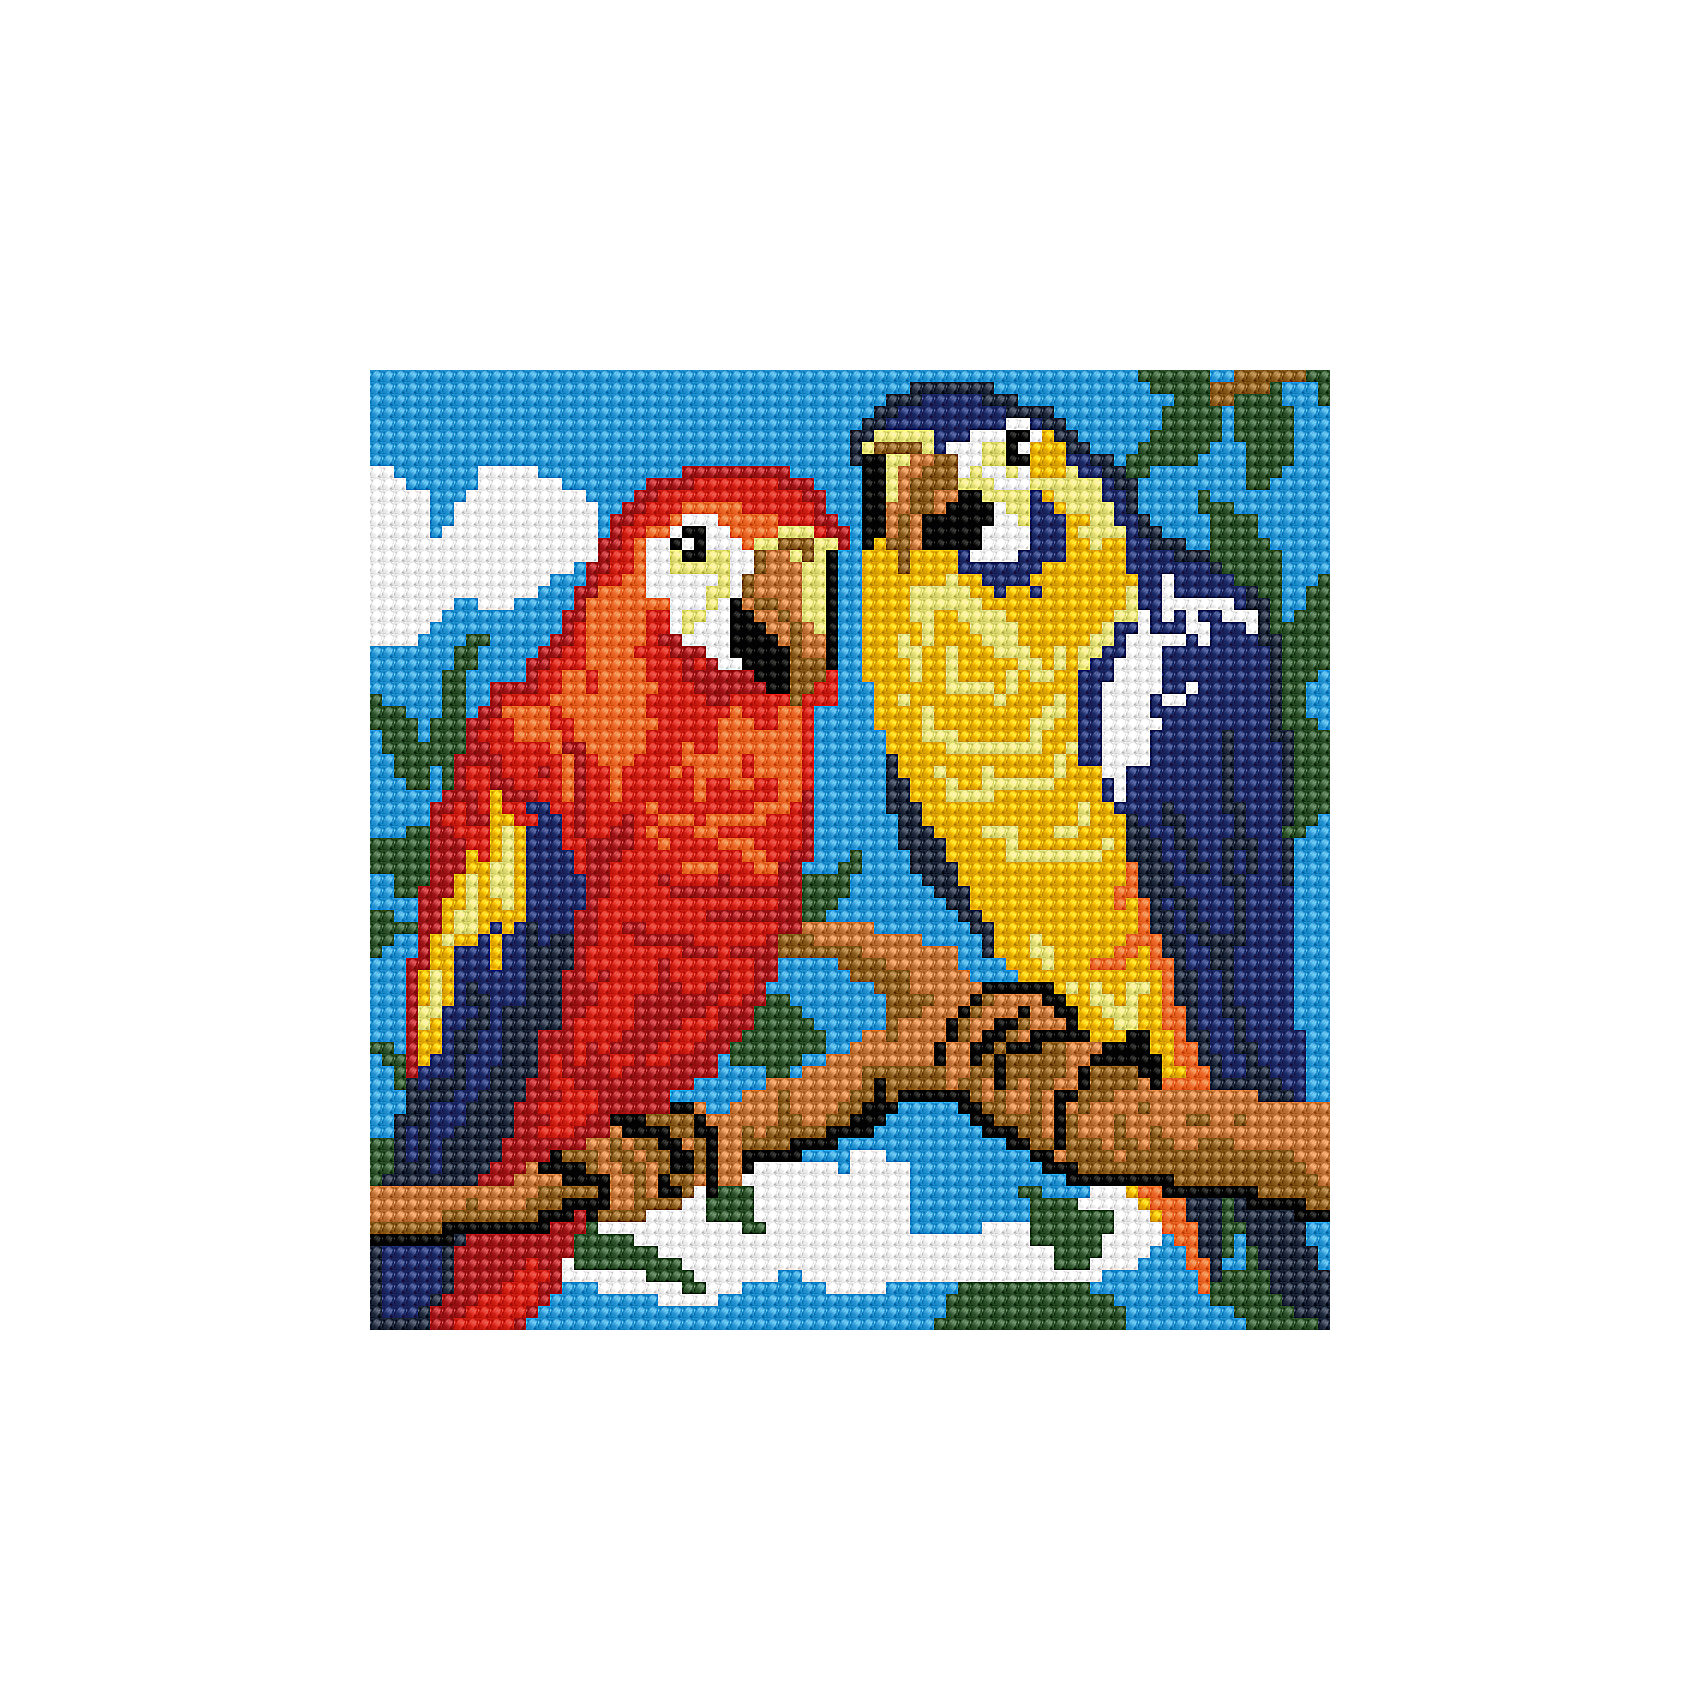 Schreiber Алмазная мозаика по номерами Попугаи 20*20 см schreiber алмазная мозаика по номерами ежик 20 20 см